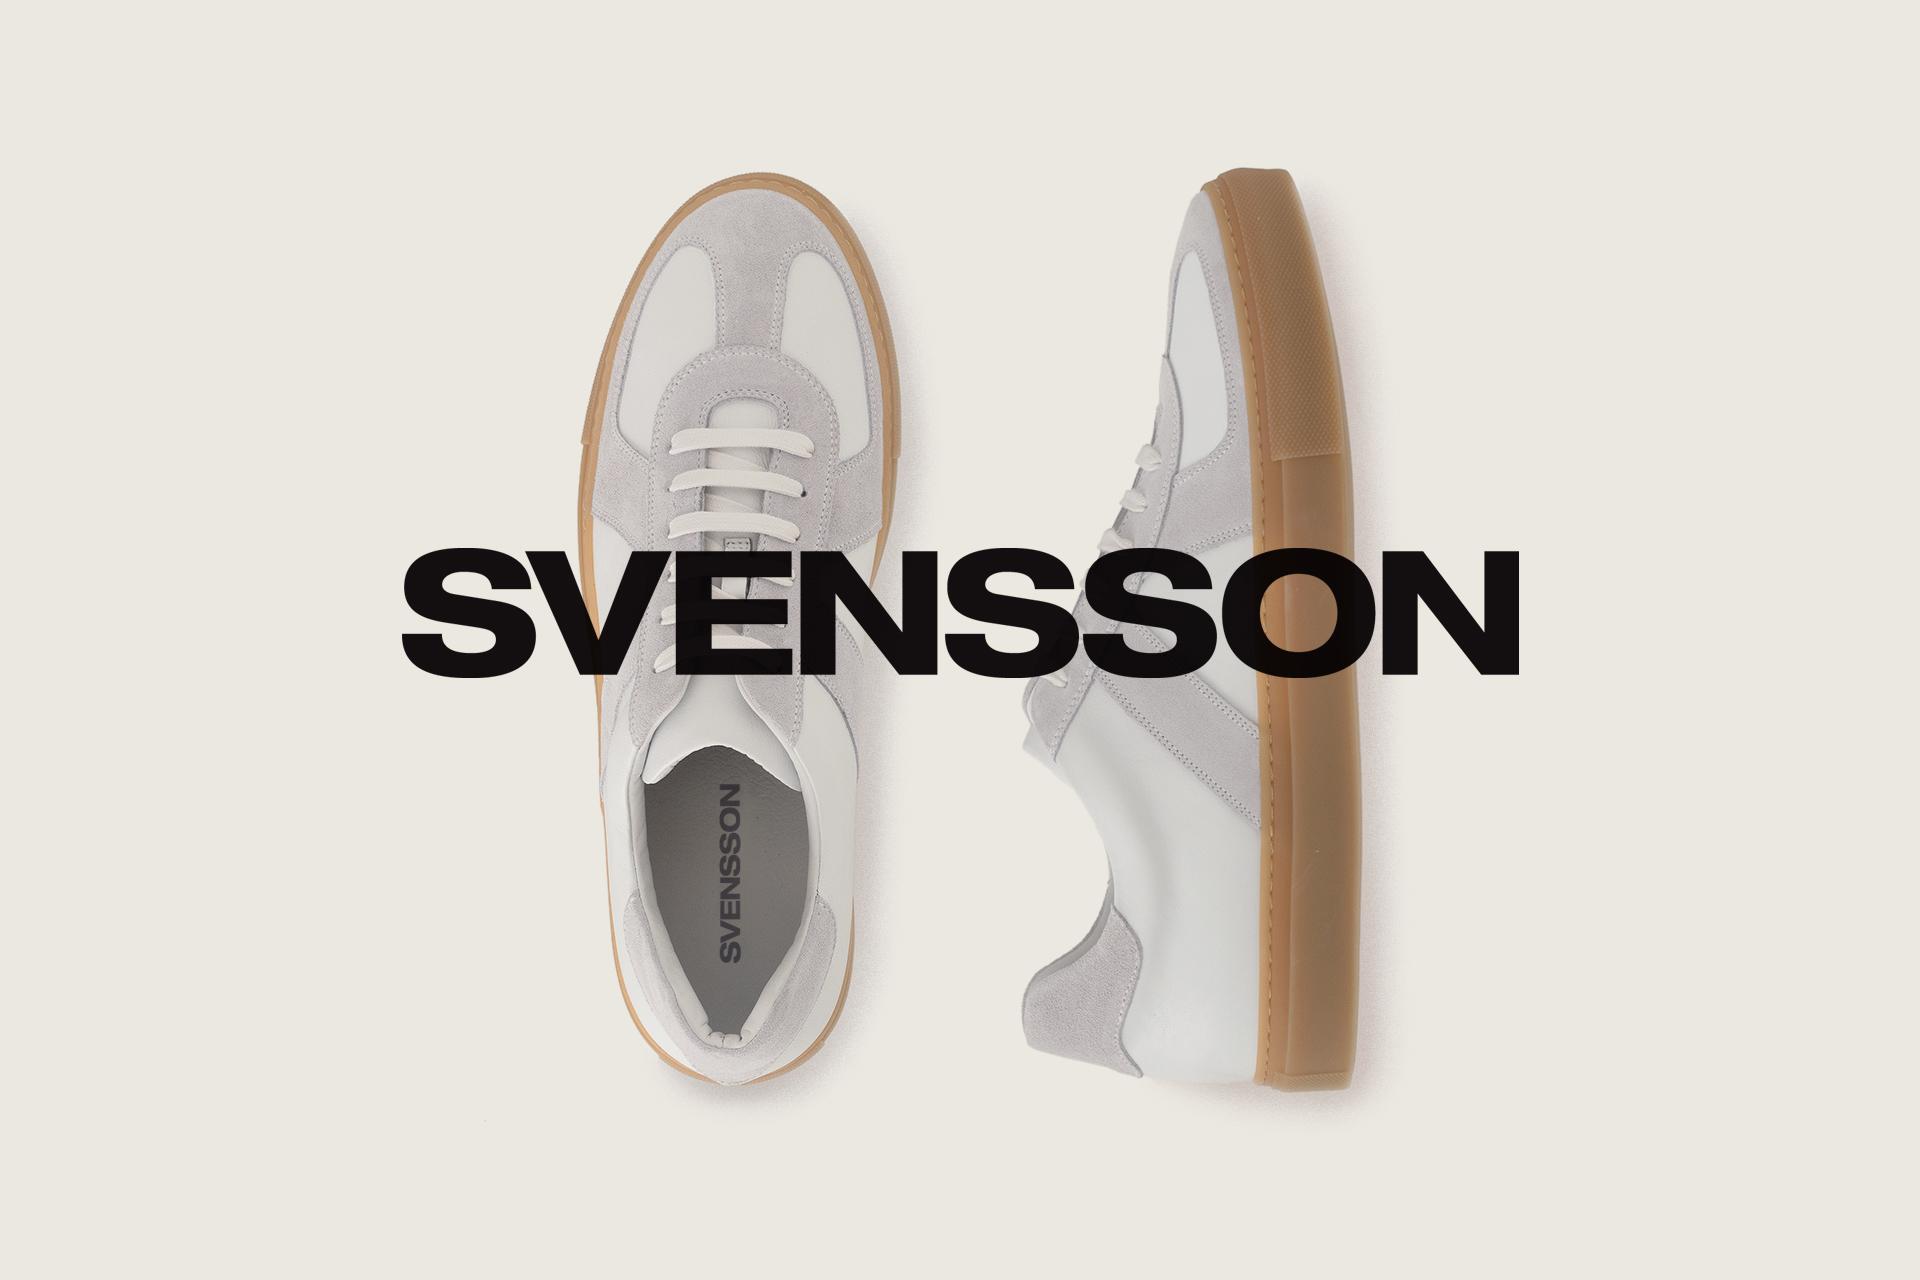 svensson-jeans-logo-brand-01